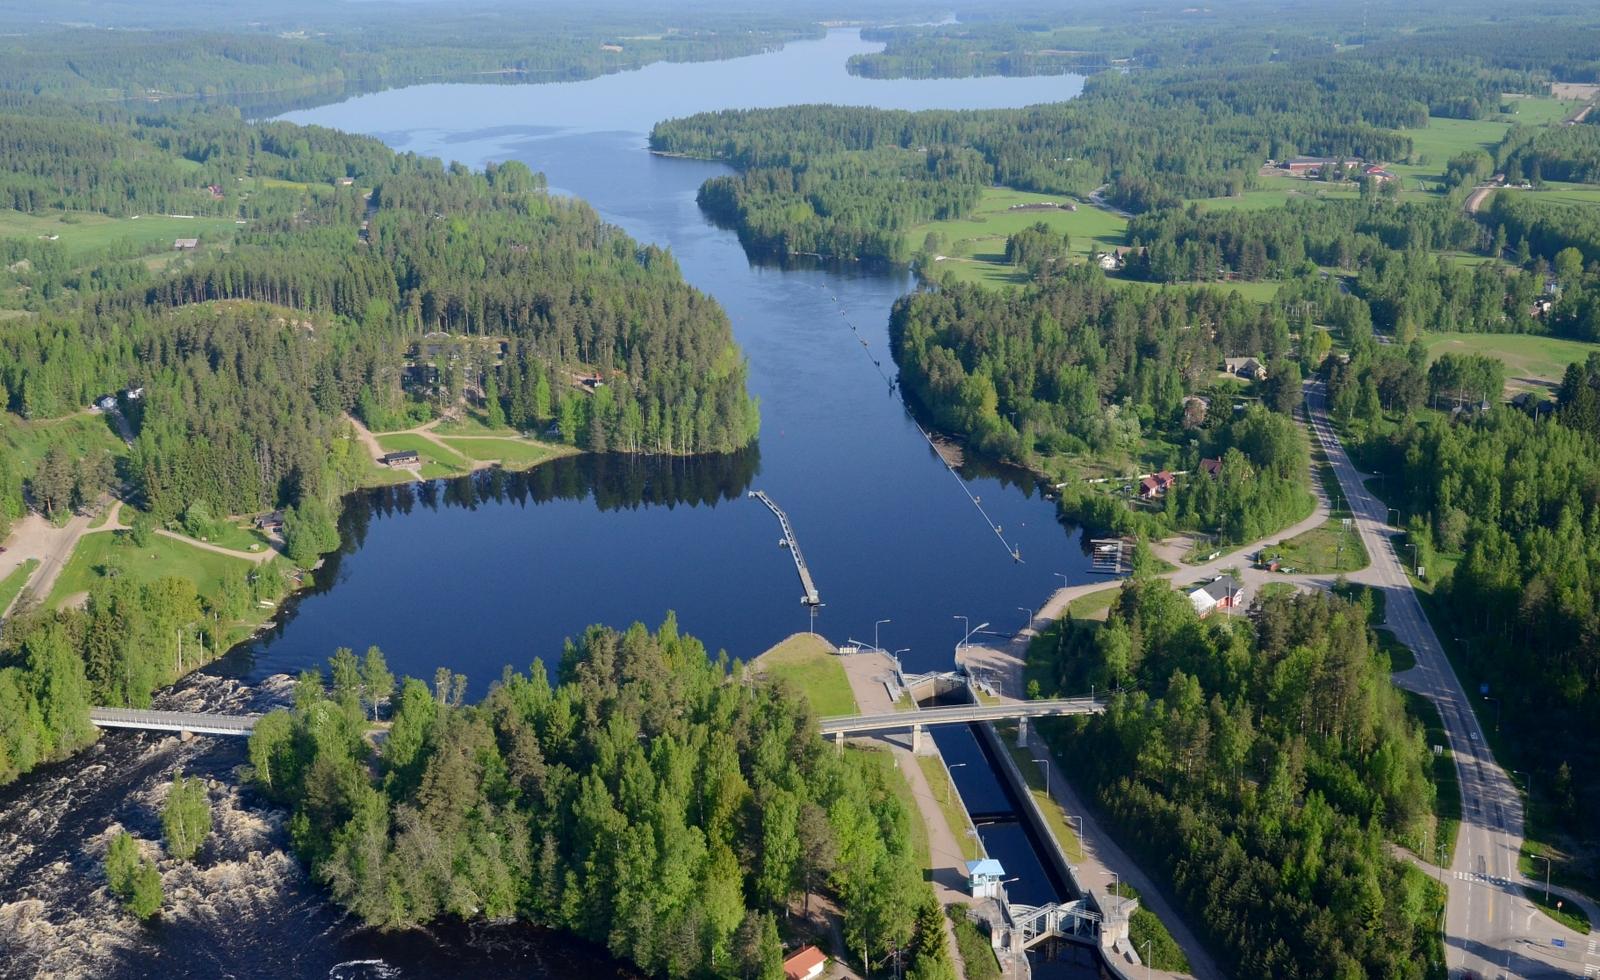 Vatiajärvi jonka toisessa päässä siintää Kapeenkoski.